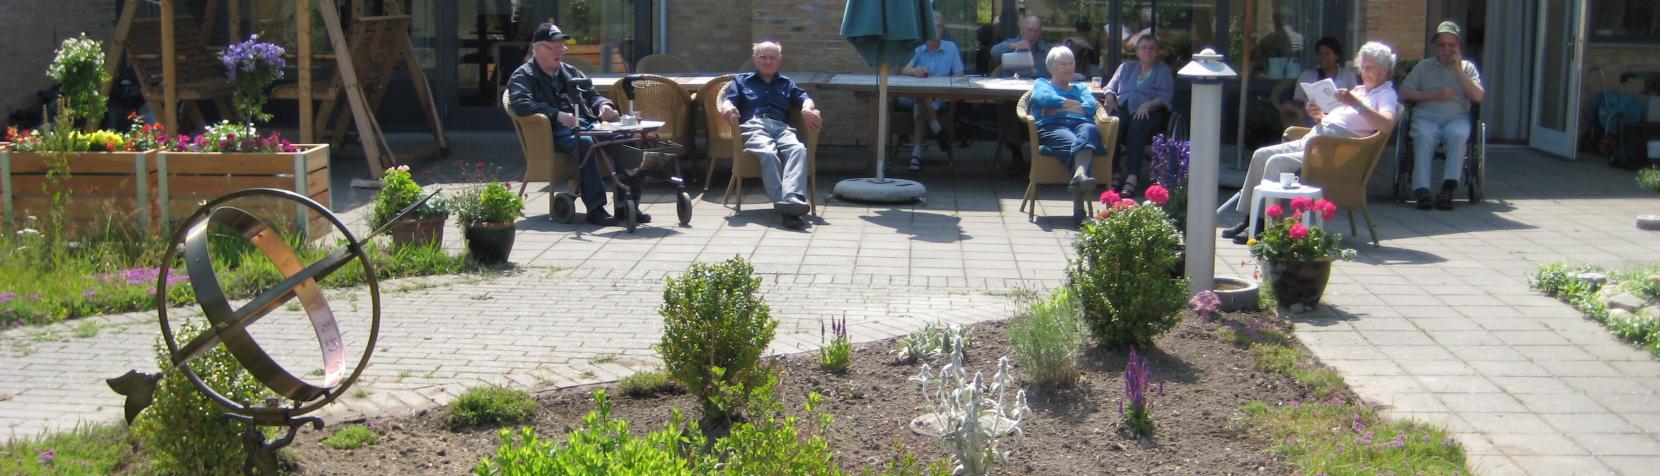 Billedet viser beboere fra Hus A, der nyder solen foran huset